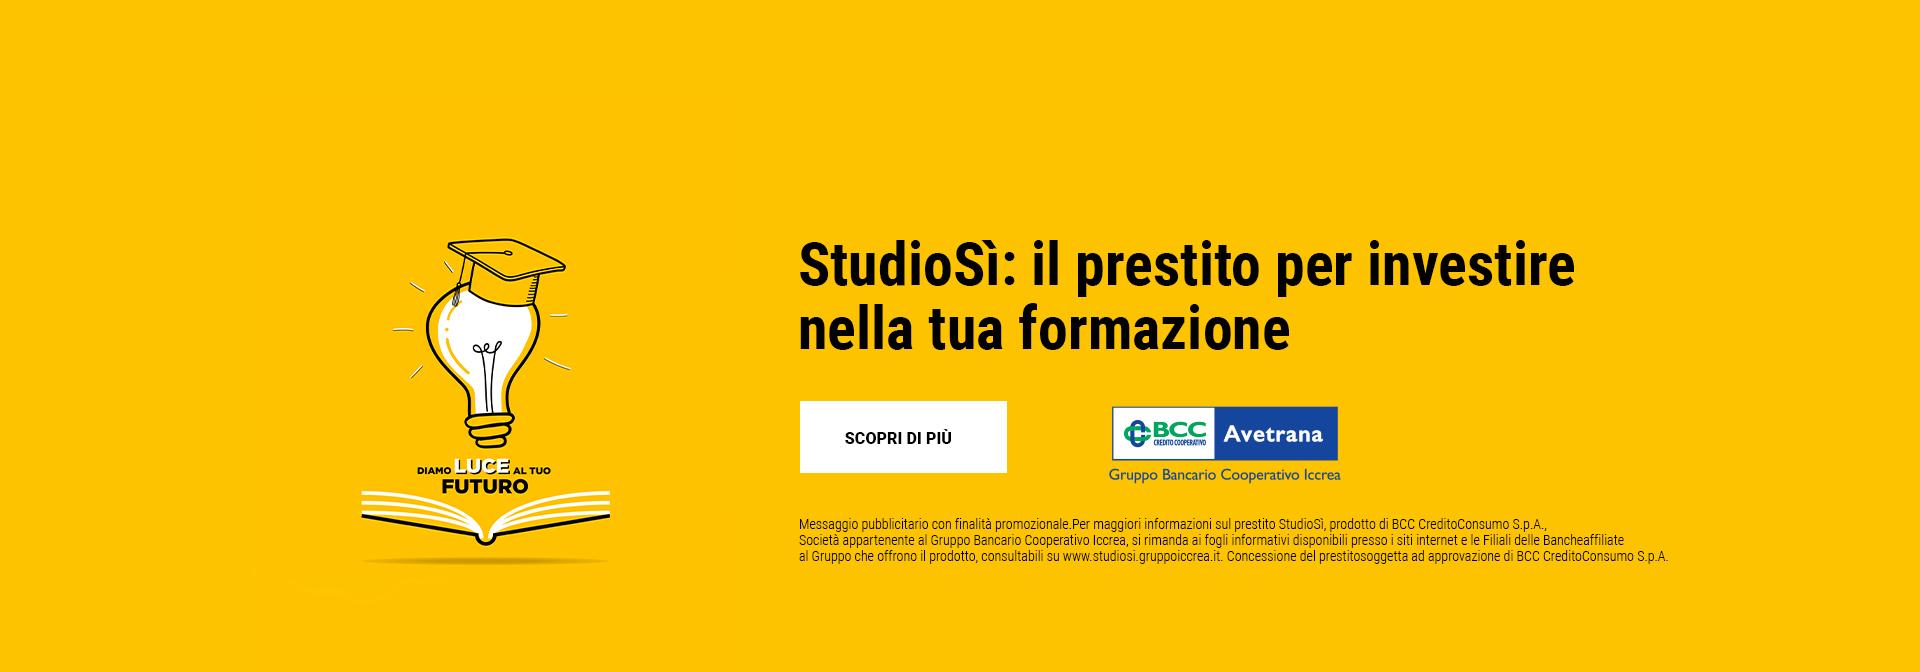 banner studioSi